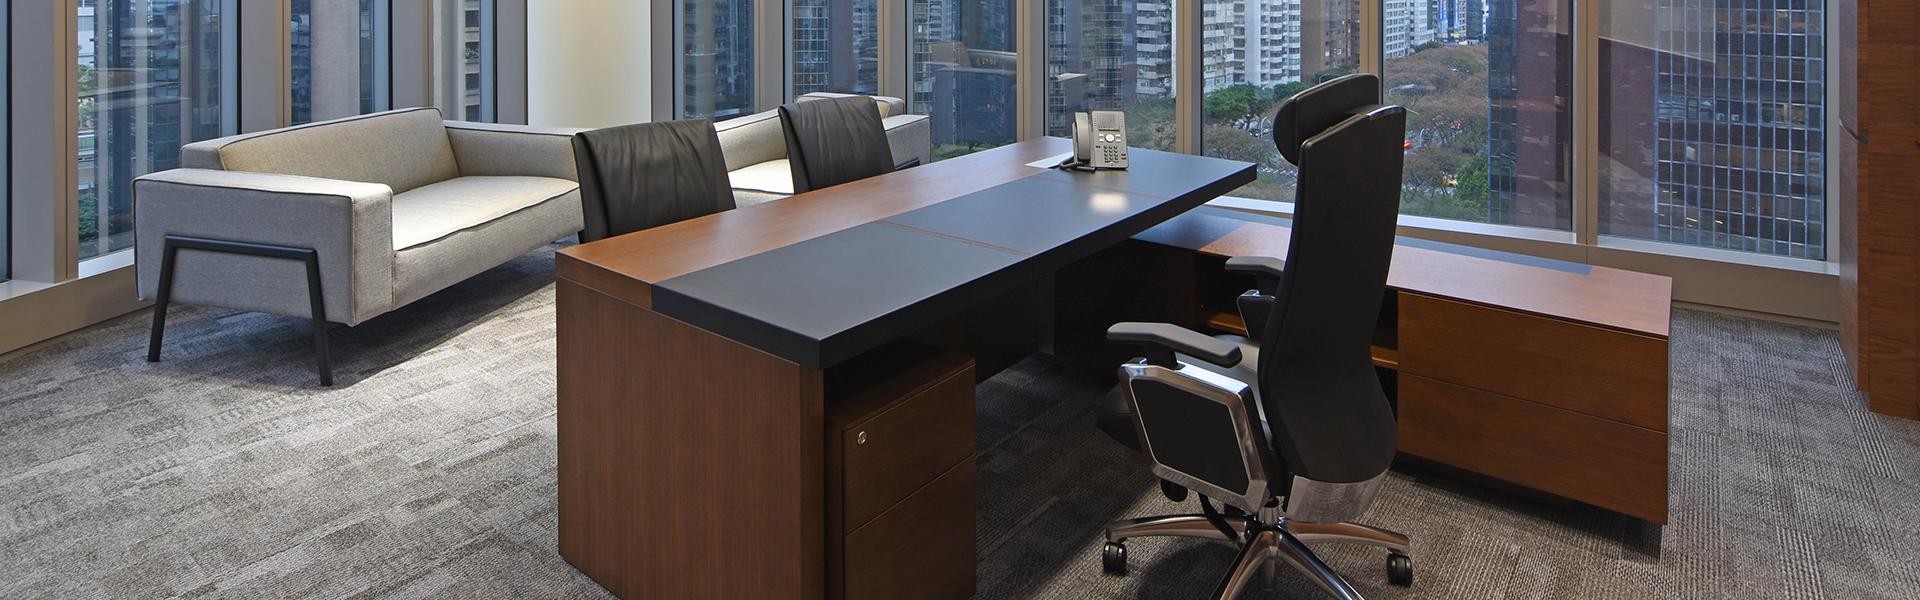 Executive Area